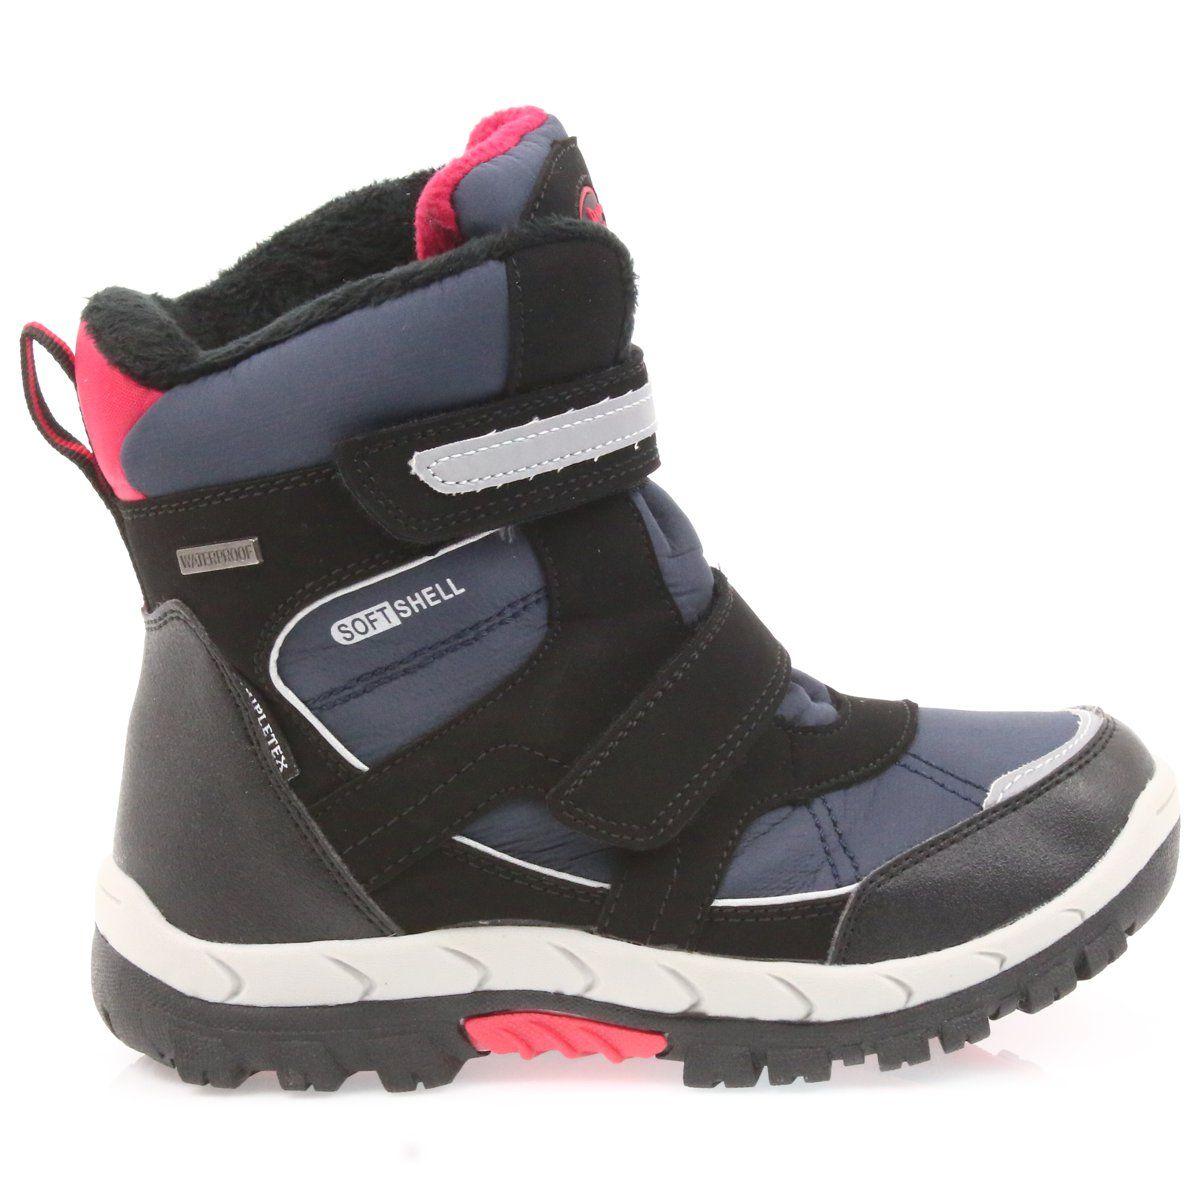 American Club American Kozaki Buty Zimowe Z Membrana 1813 Czarne Czerwone Granatowe Puma Fierce Sneaker High Top Sneakers Top Sneakers